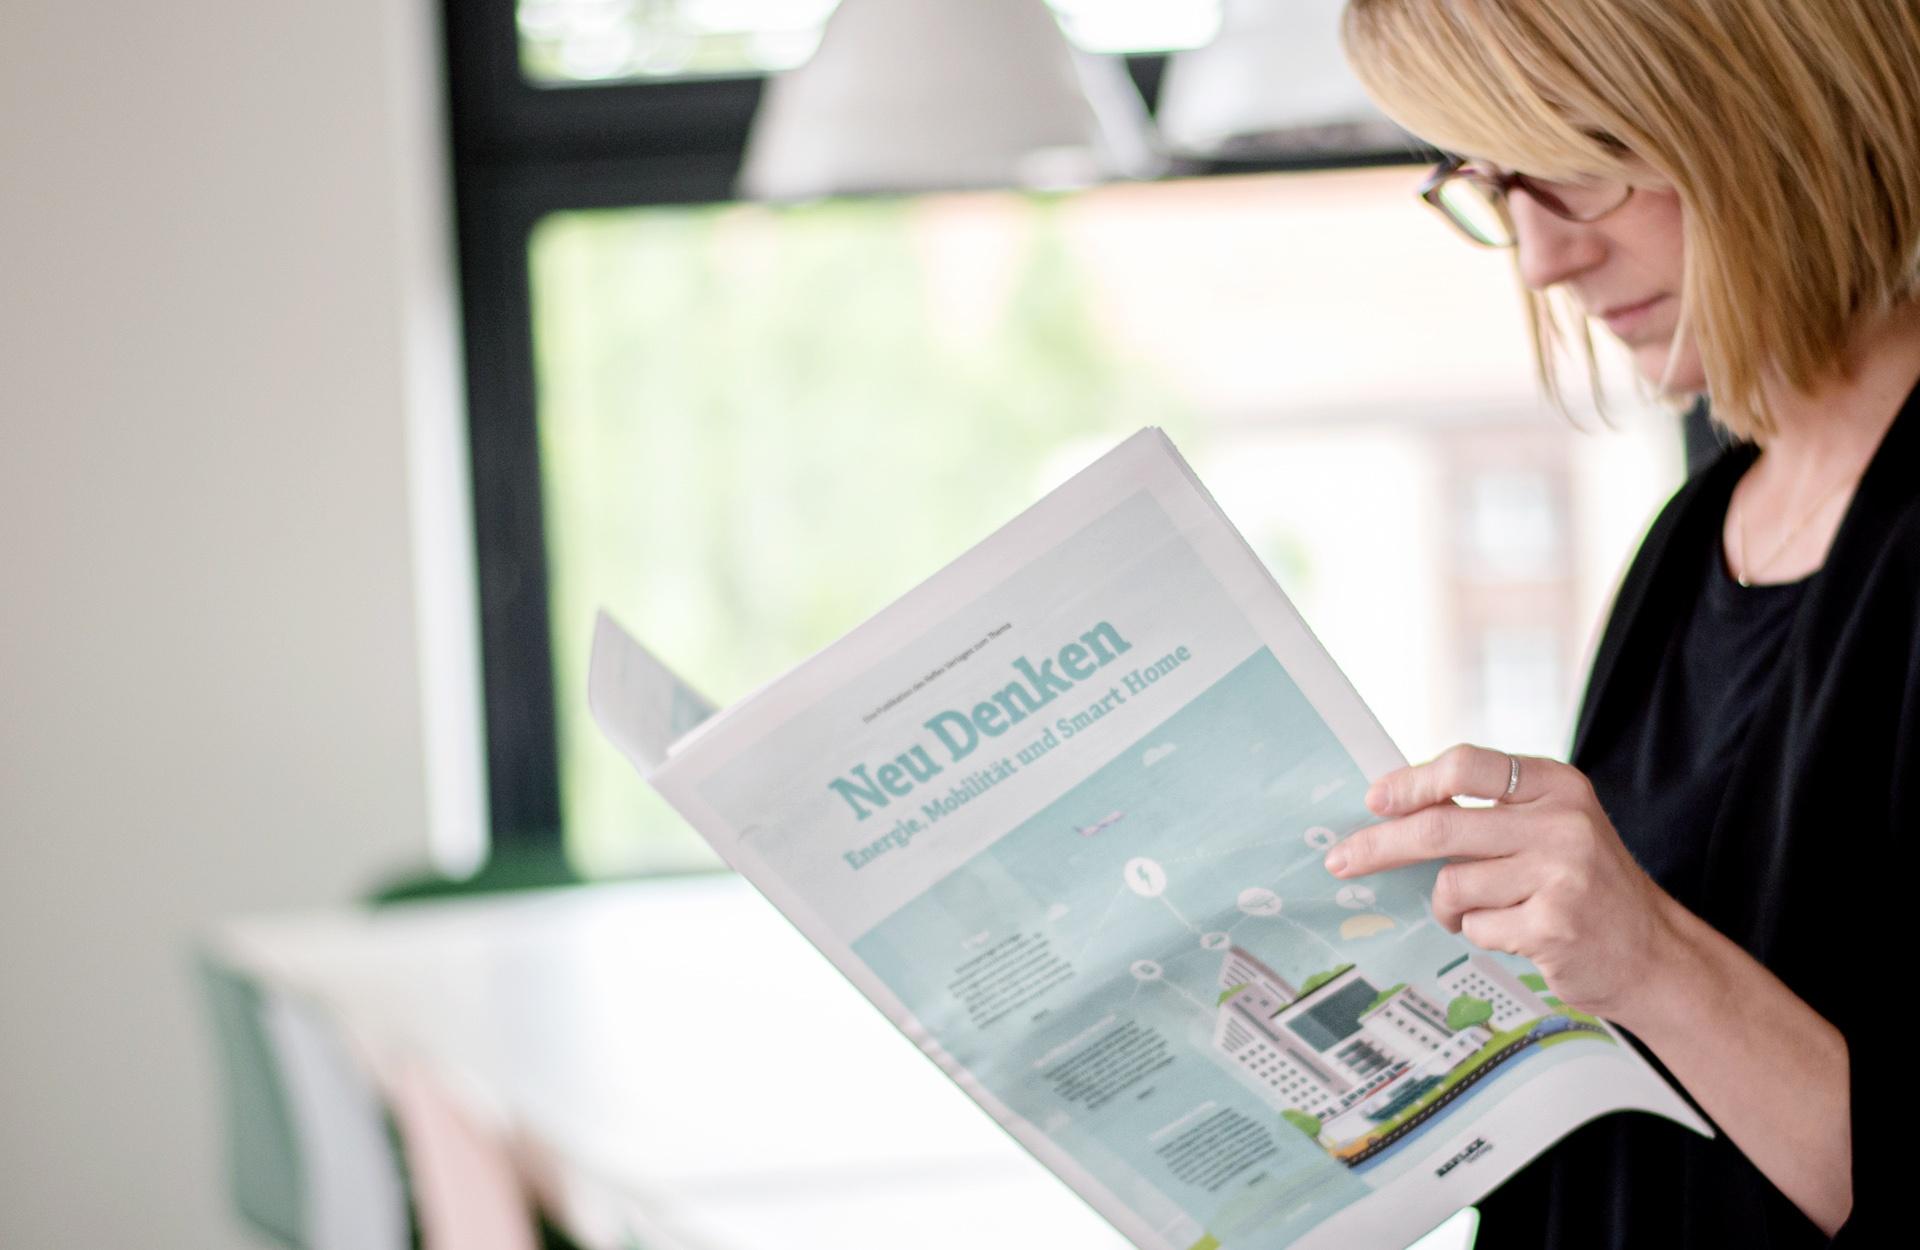 Mitarbeiterin liest unseren Artikel in der Neu Denken: Energie, Mobilität und Smart Home.